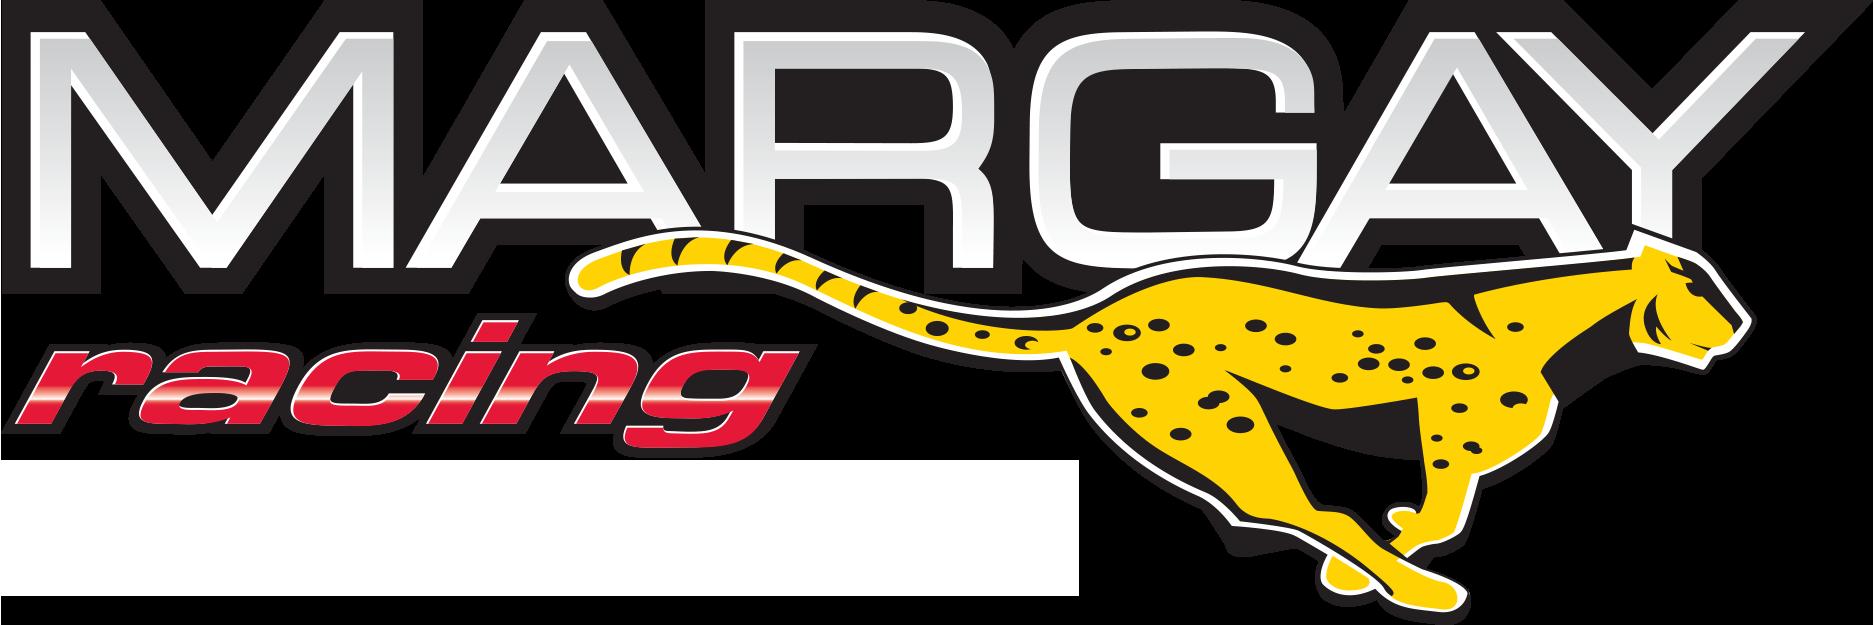 spike-kohlbecker_Margay-Racing-logo_color.png